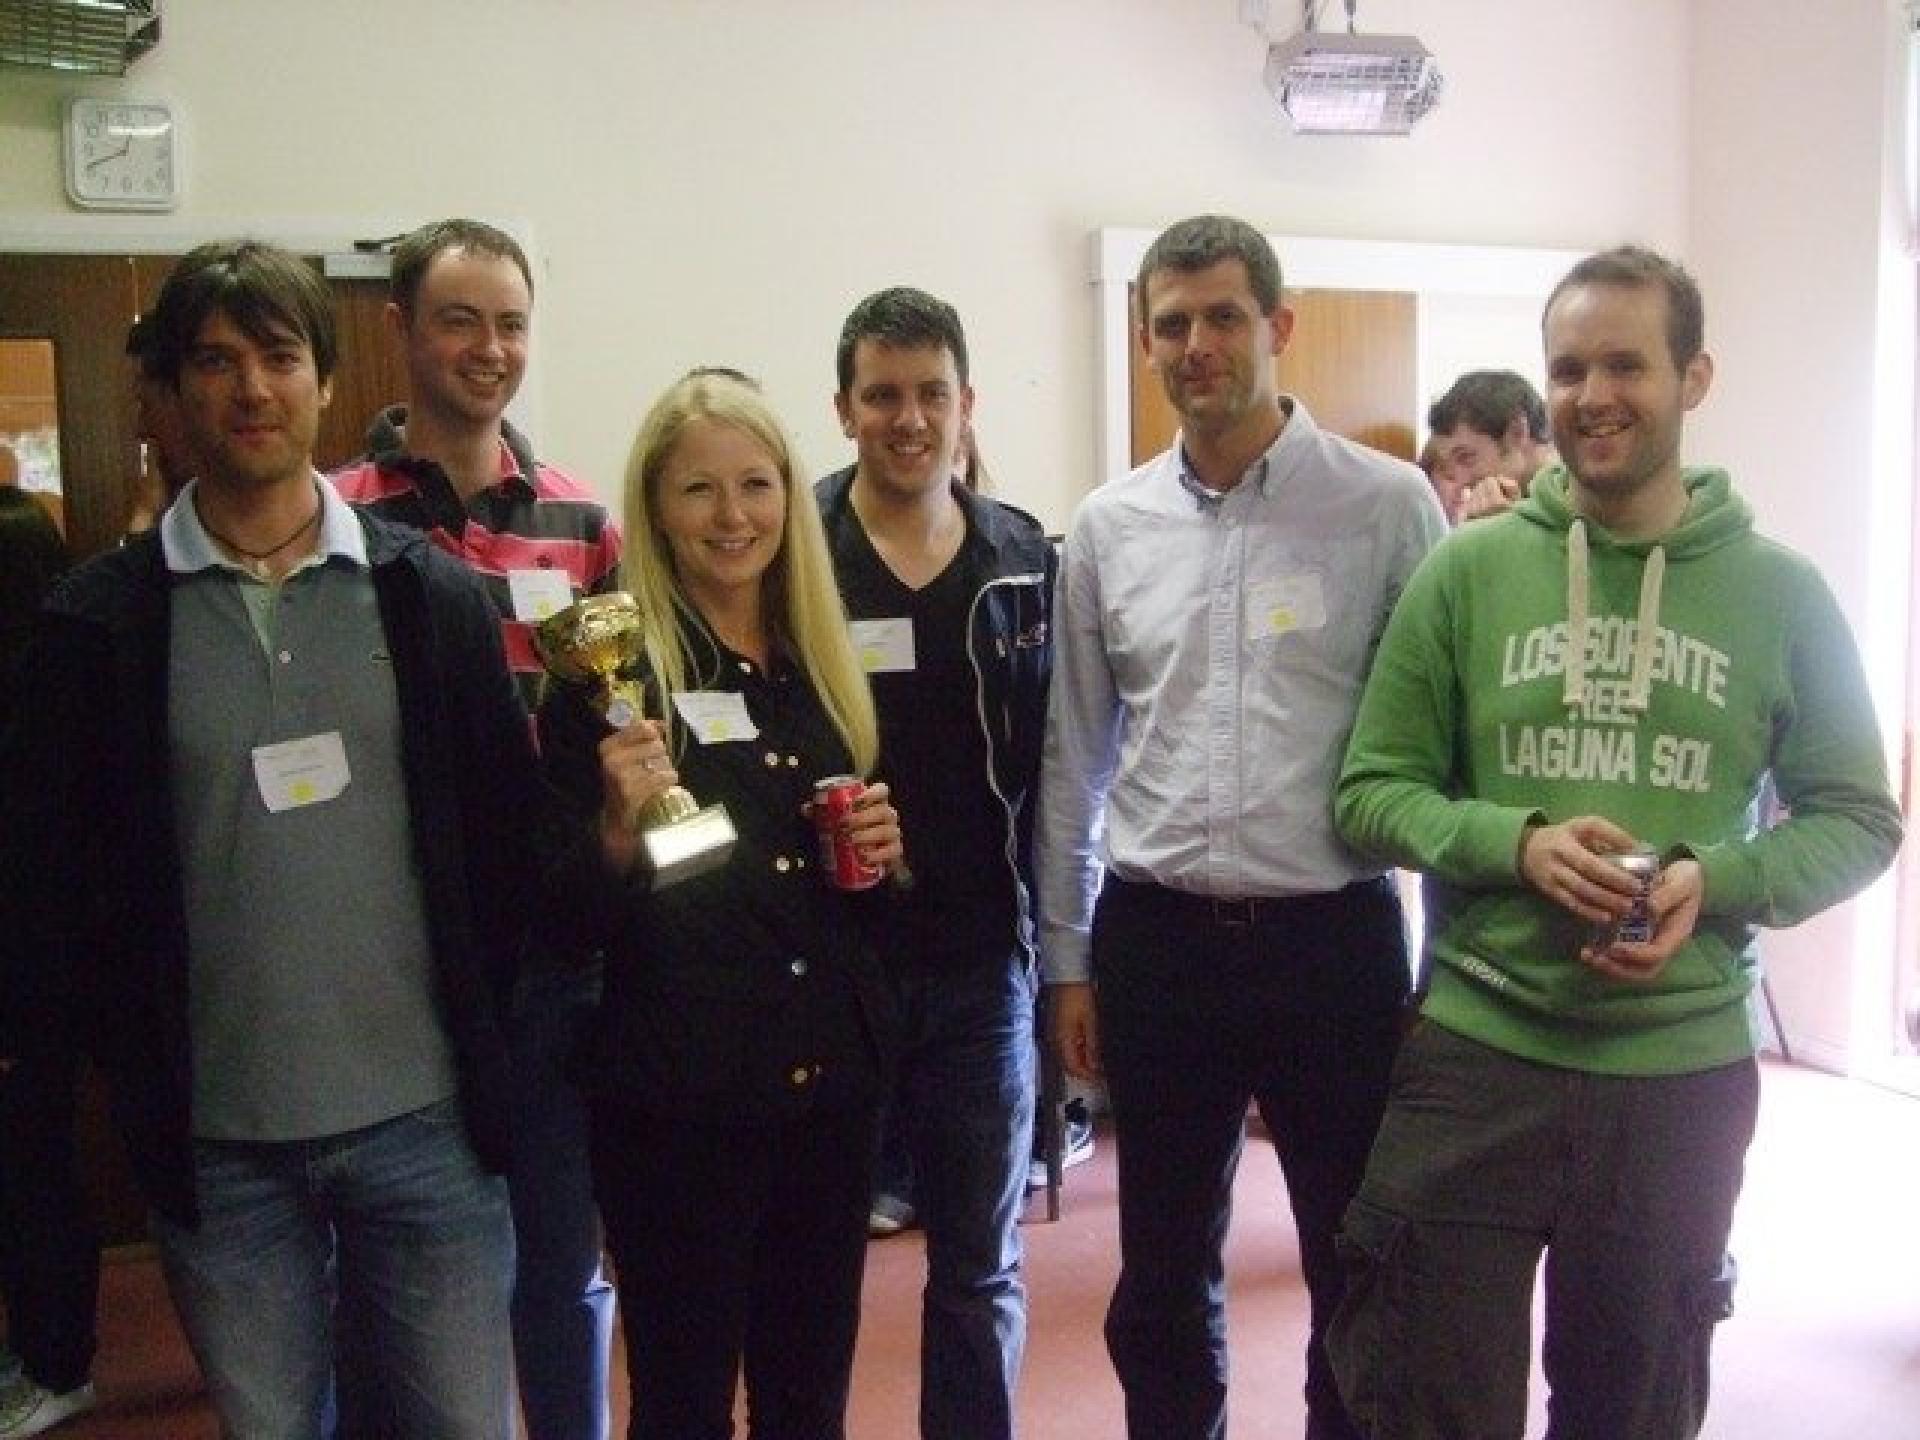 Team Building Aberdeen 15 July 2011